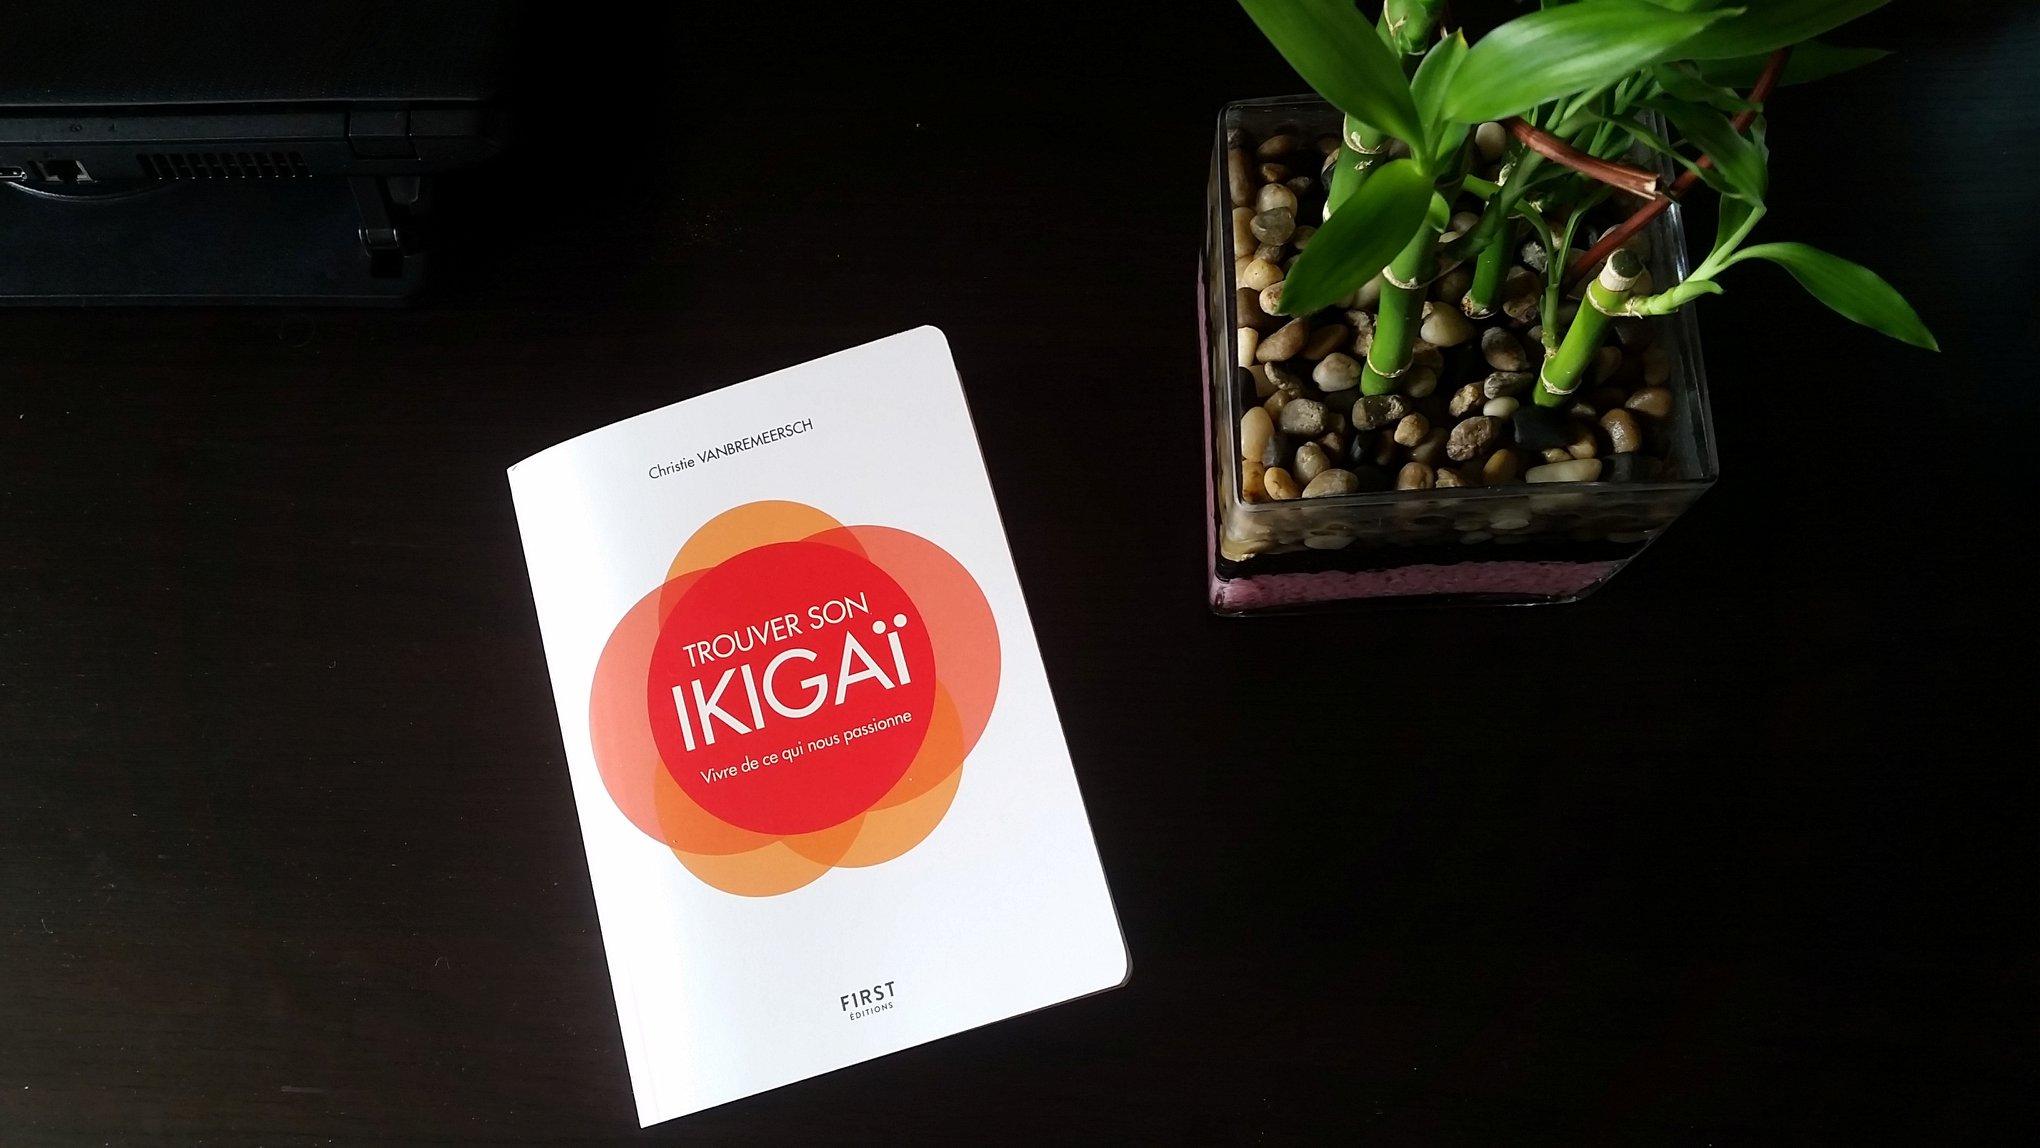 """Résumé du livre """"trouver son ikigaï"""" de Christie Vanbremeersch"""